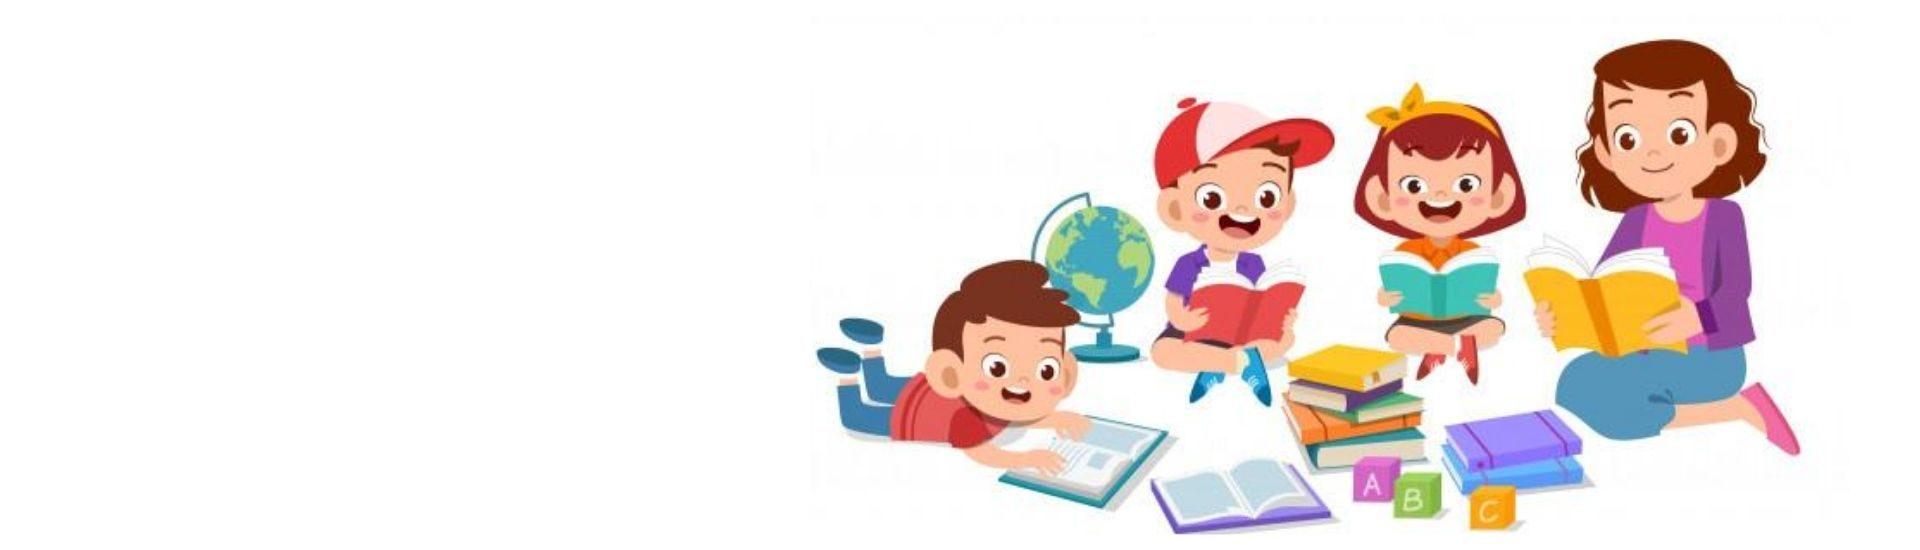 Niños y niñas aprendiendo, en conjunto con sus familias, a leer y escribir.